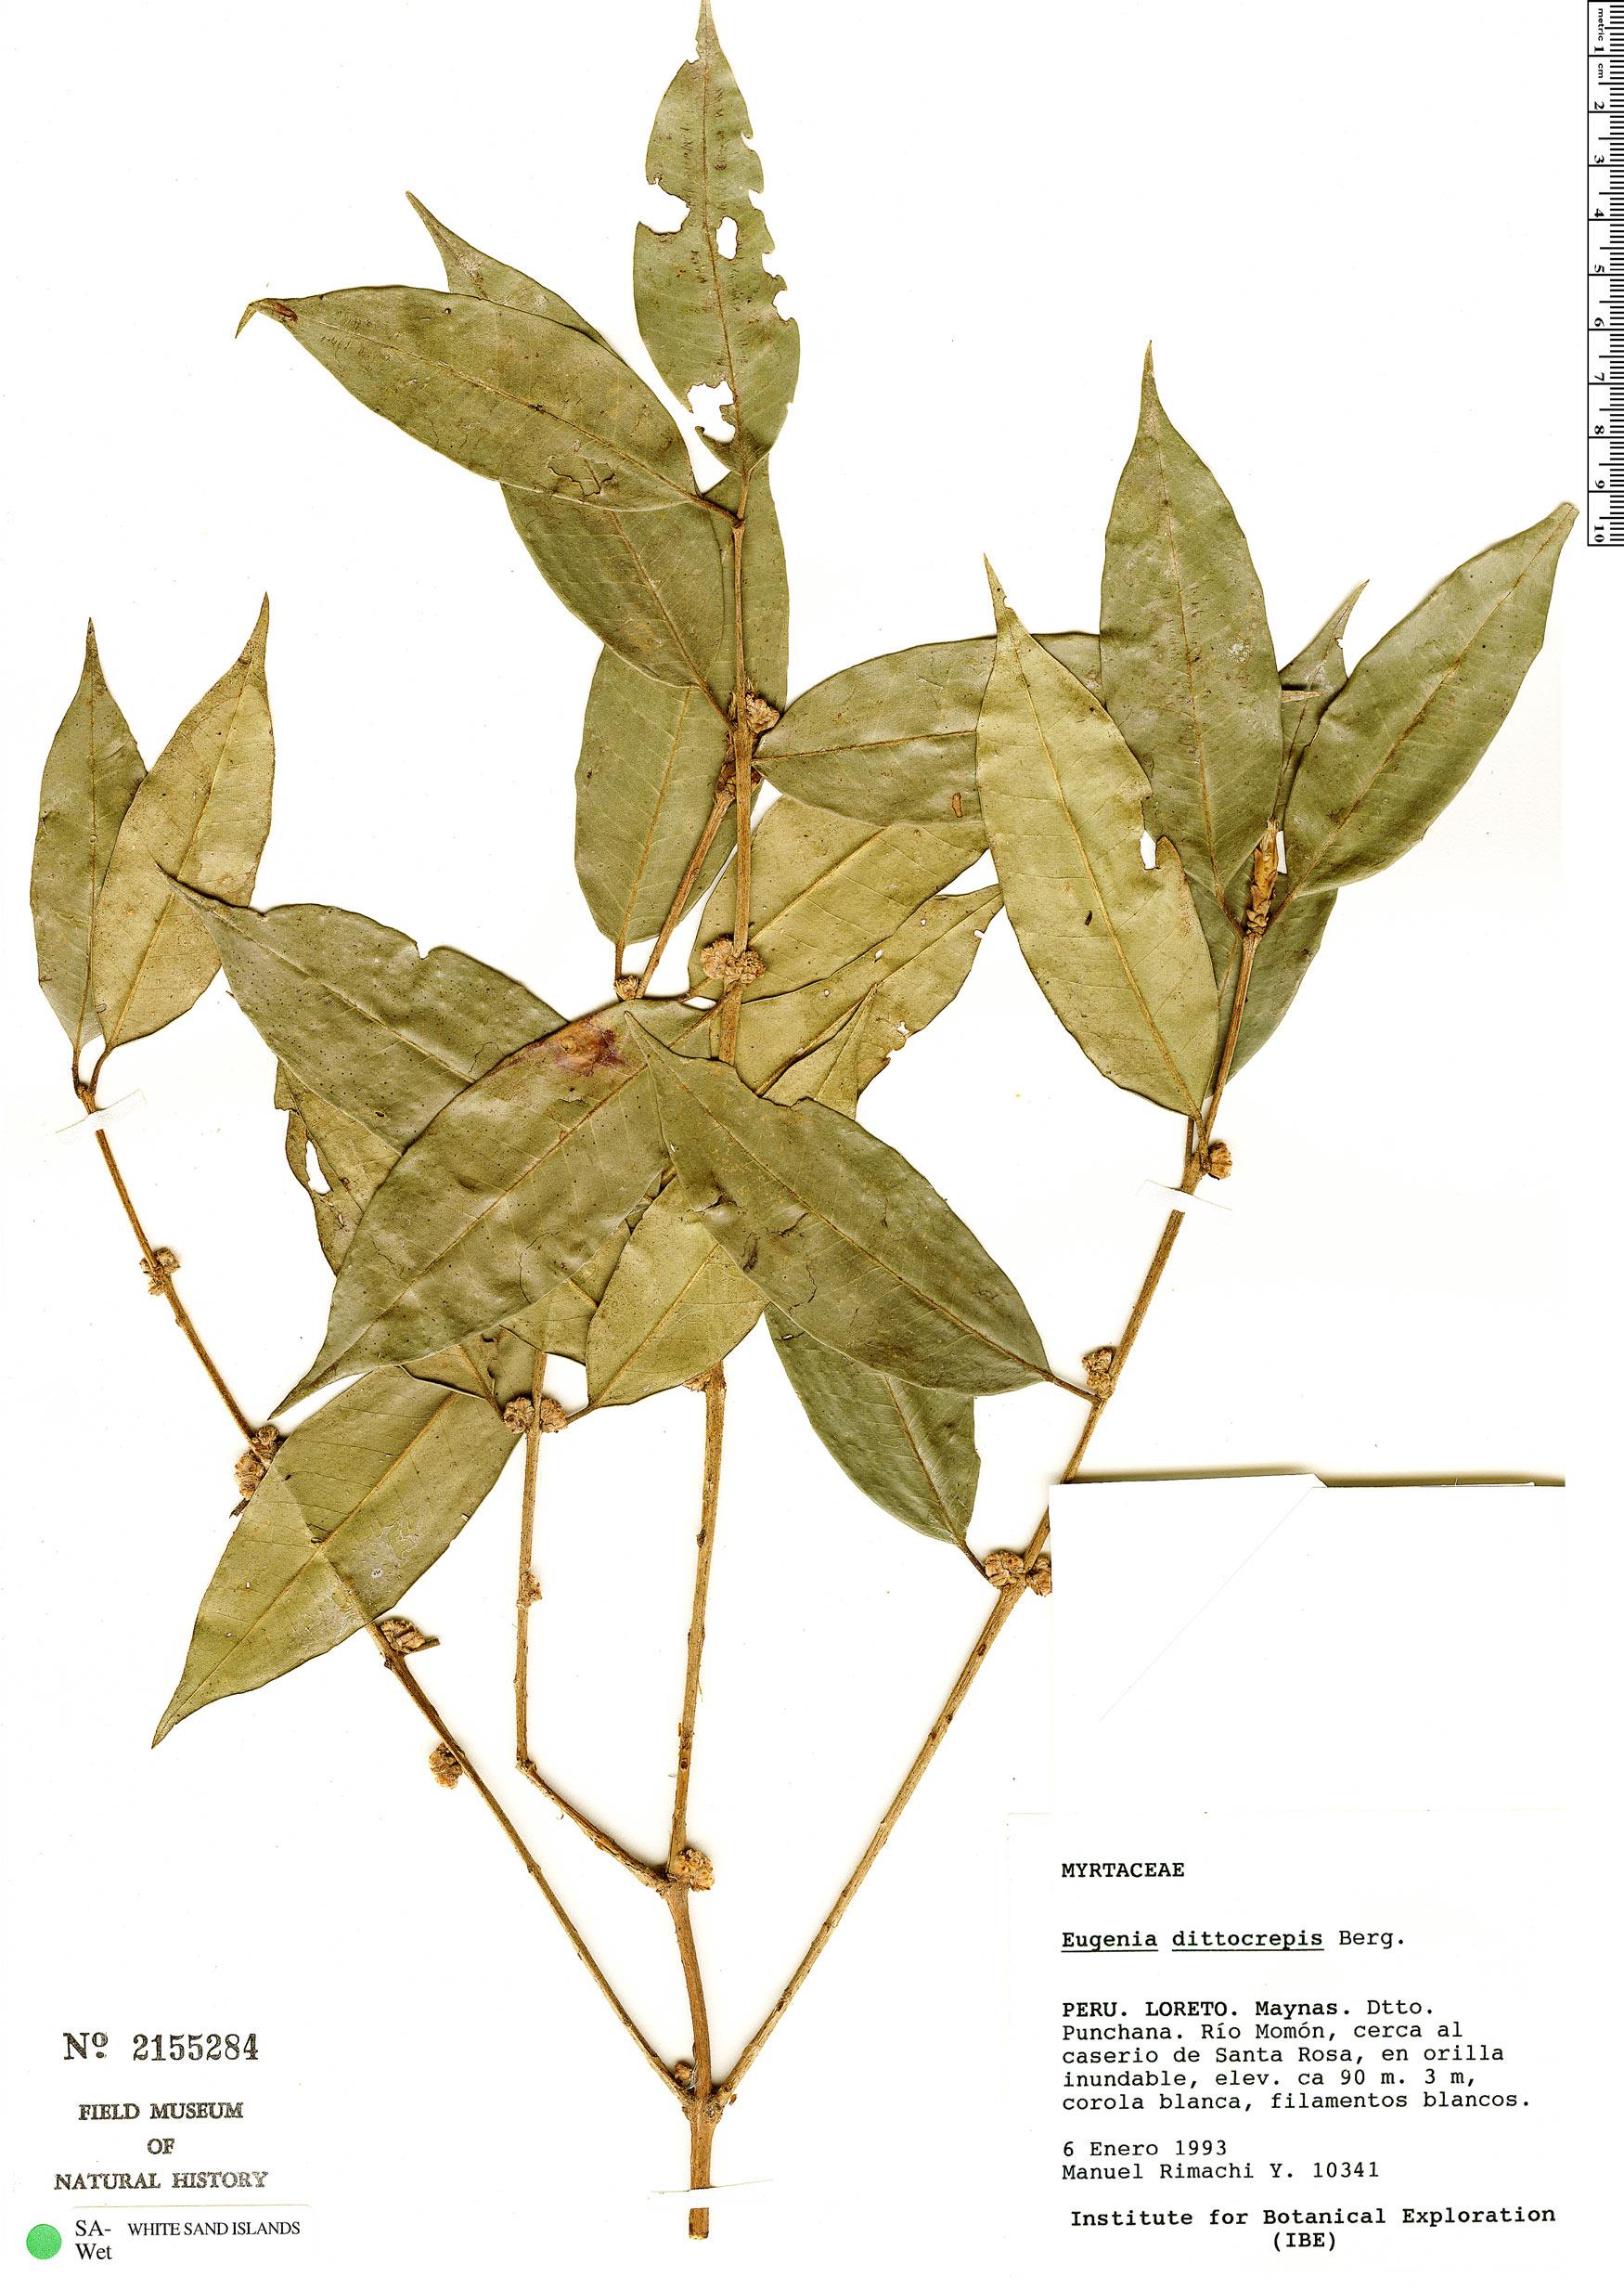 Specimen: Eugenia dittocrepis